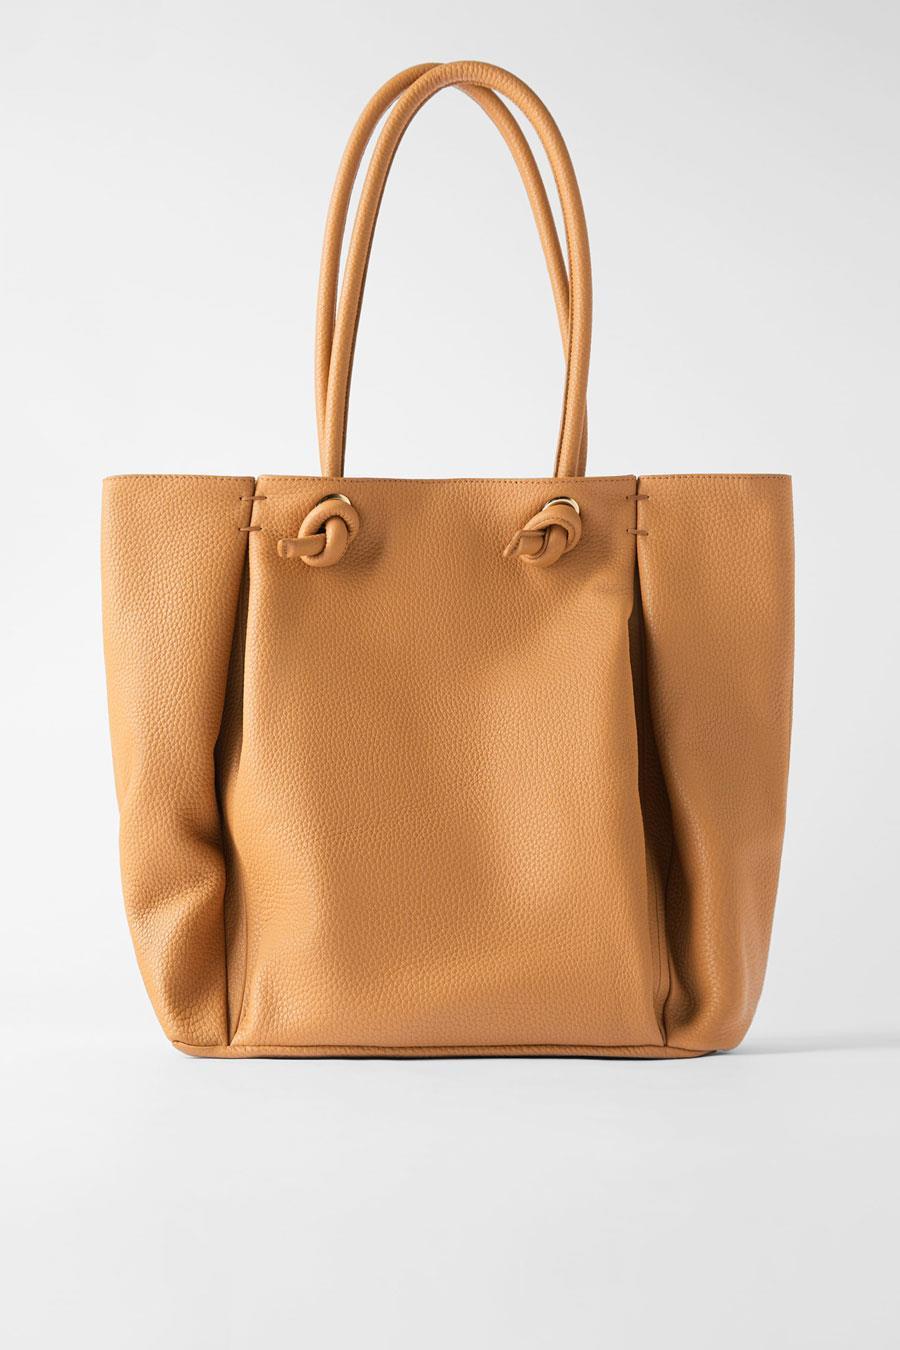 bolso-grande-marrón-